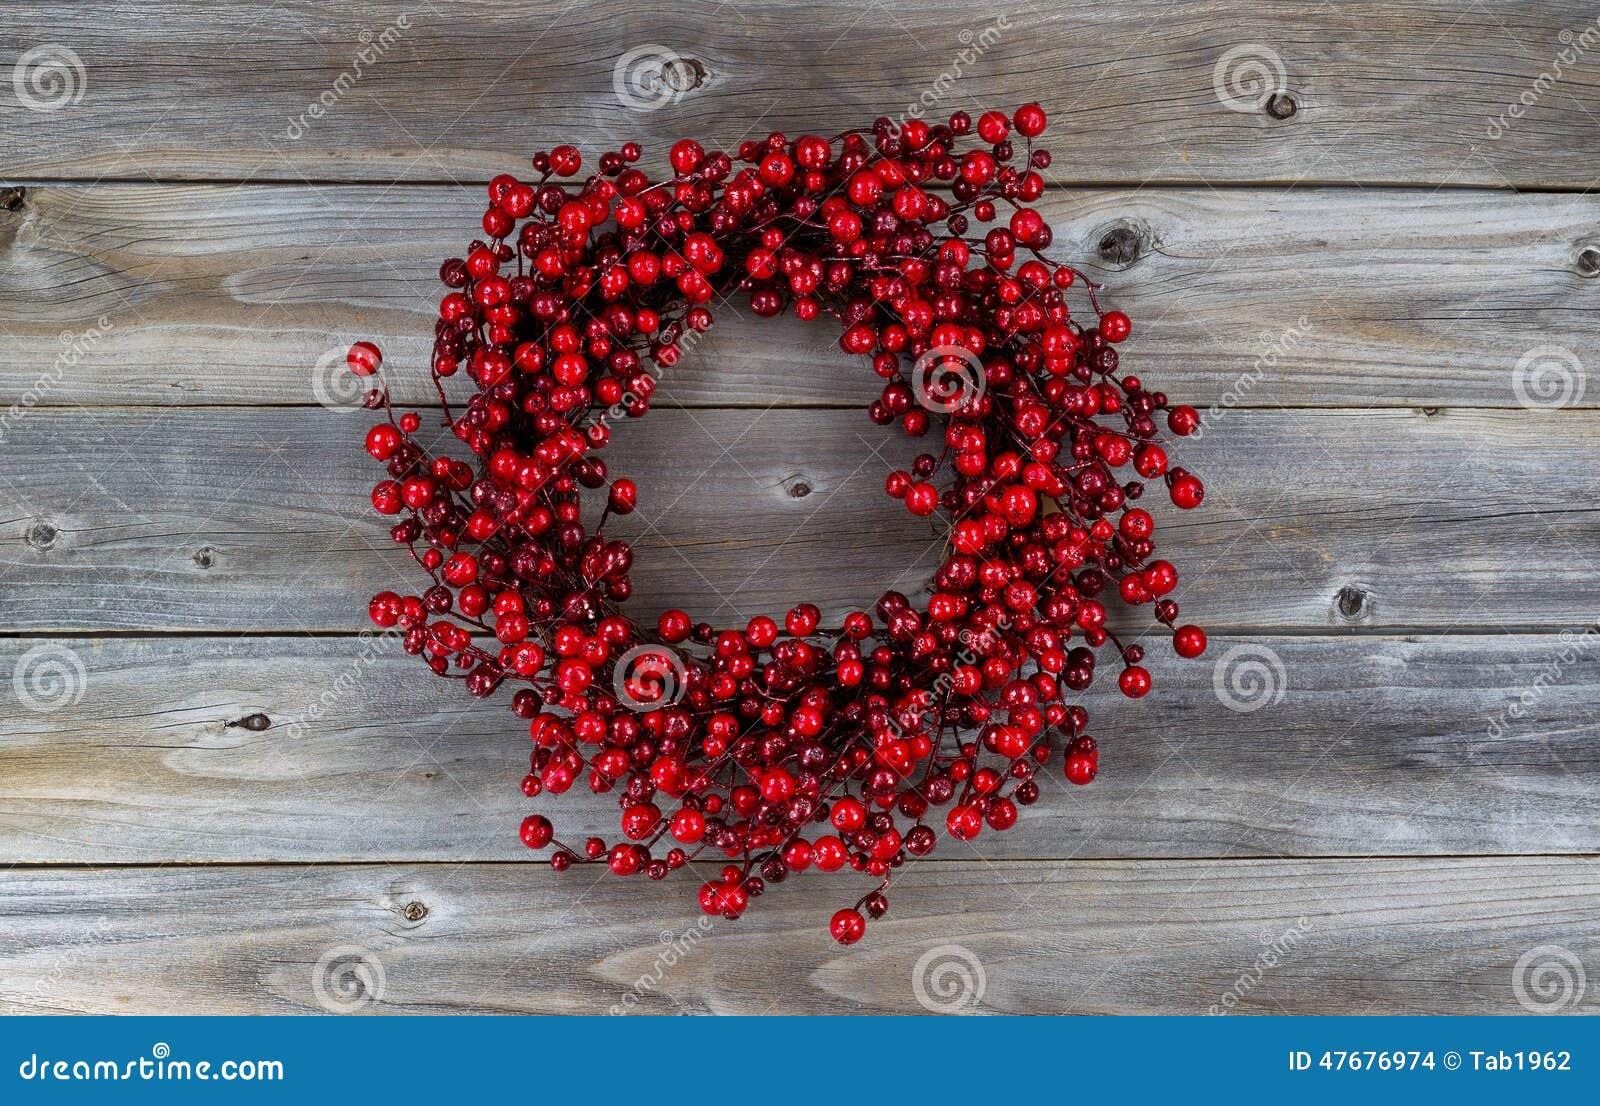 Berry Holiday Wreath vermelho na madeira